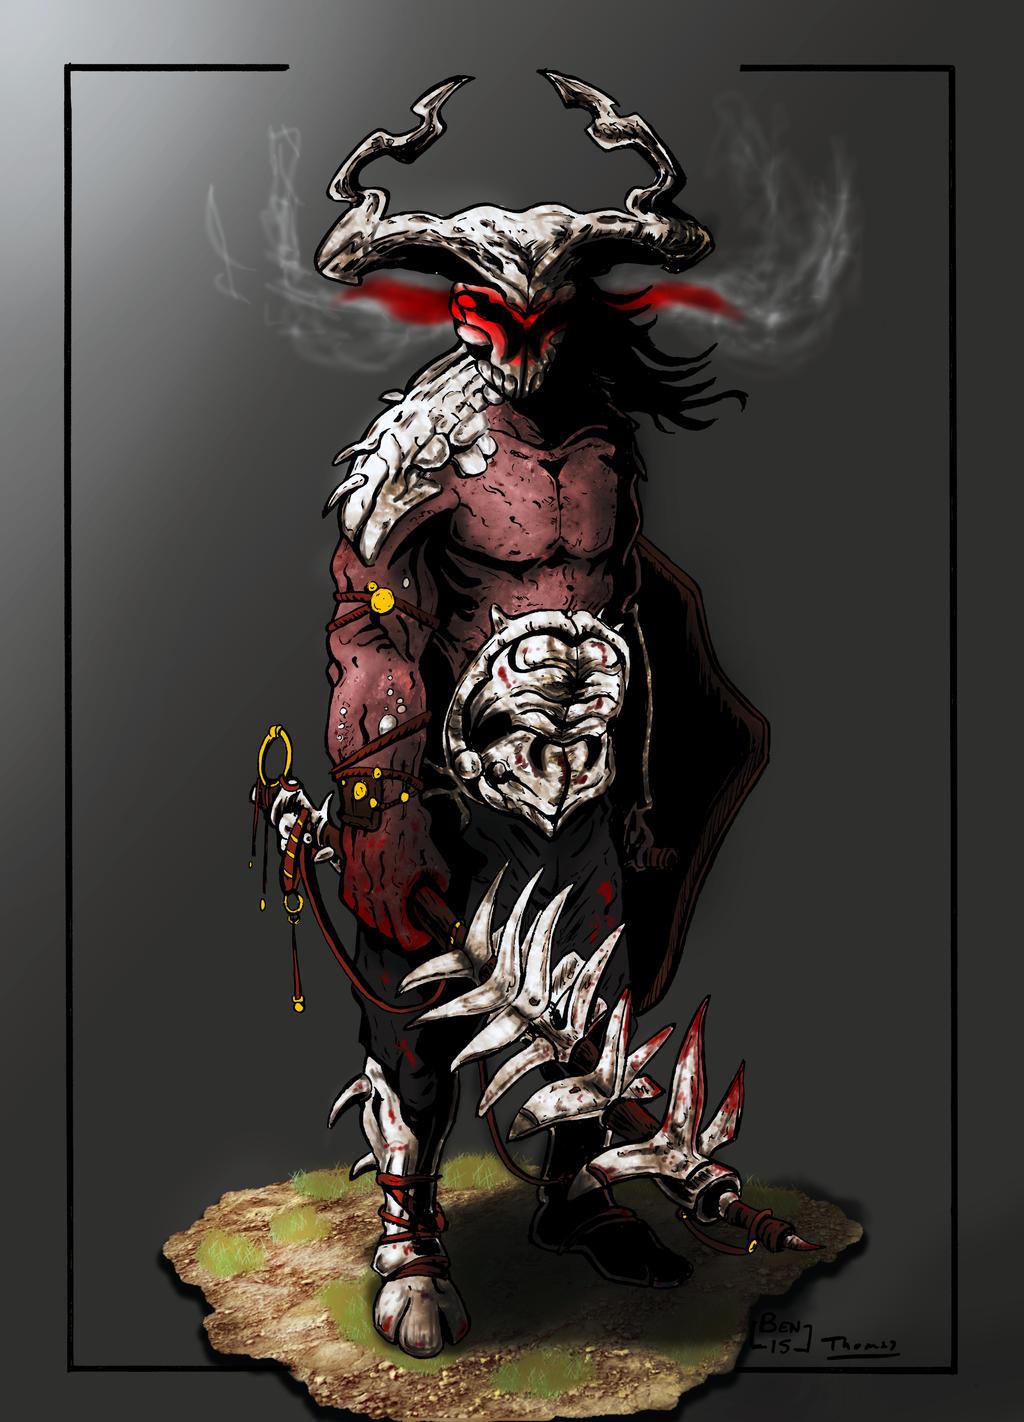 Demon by Qsec